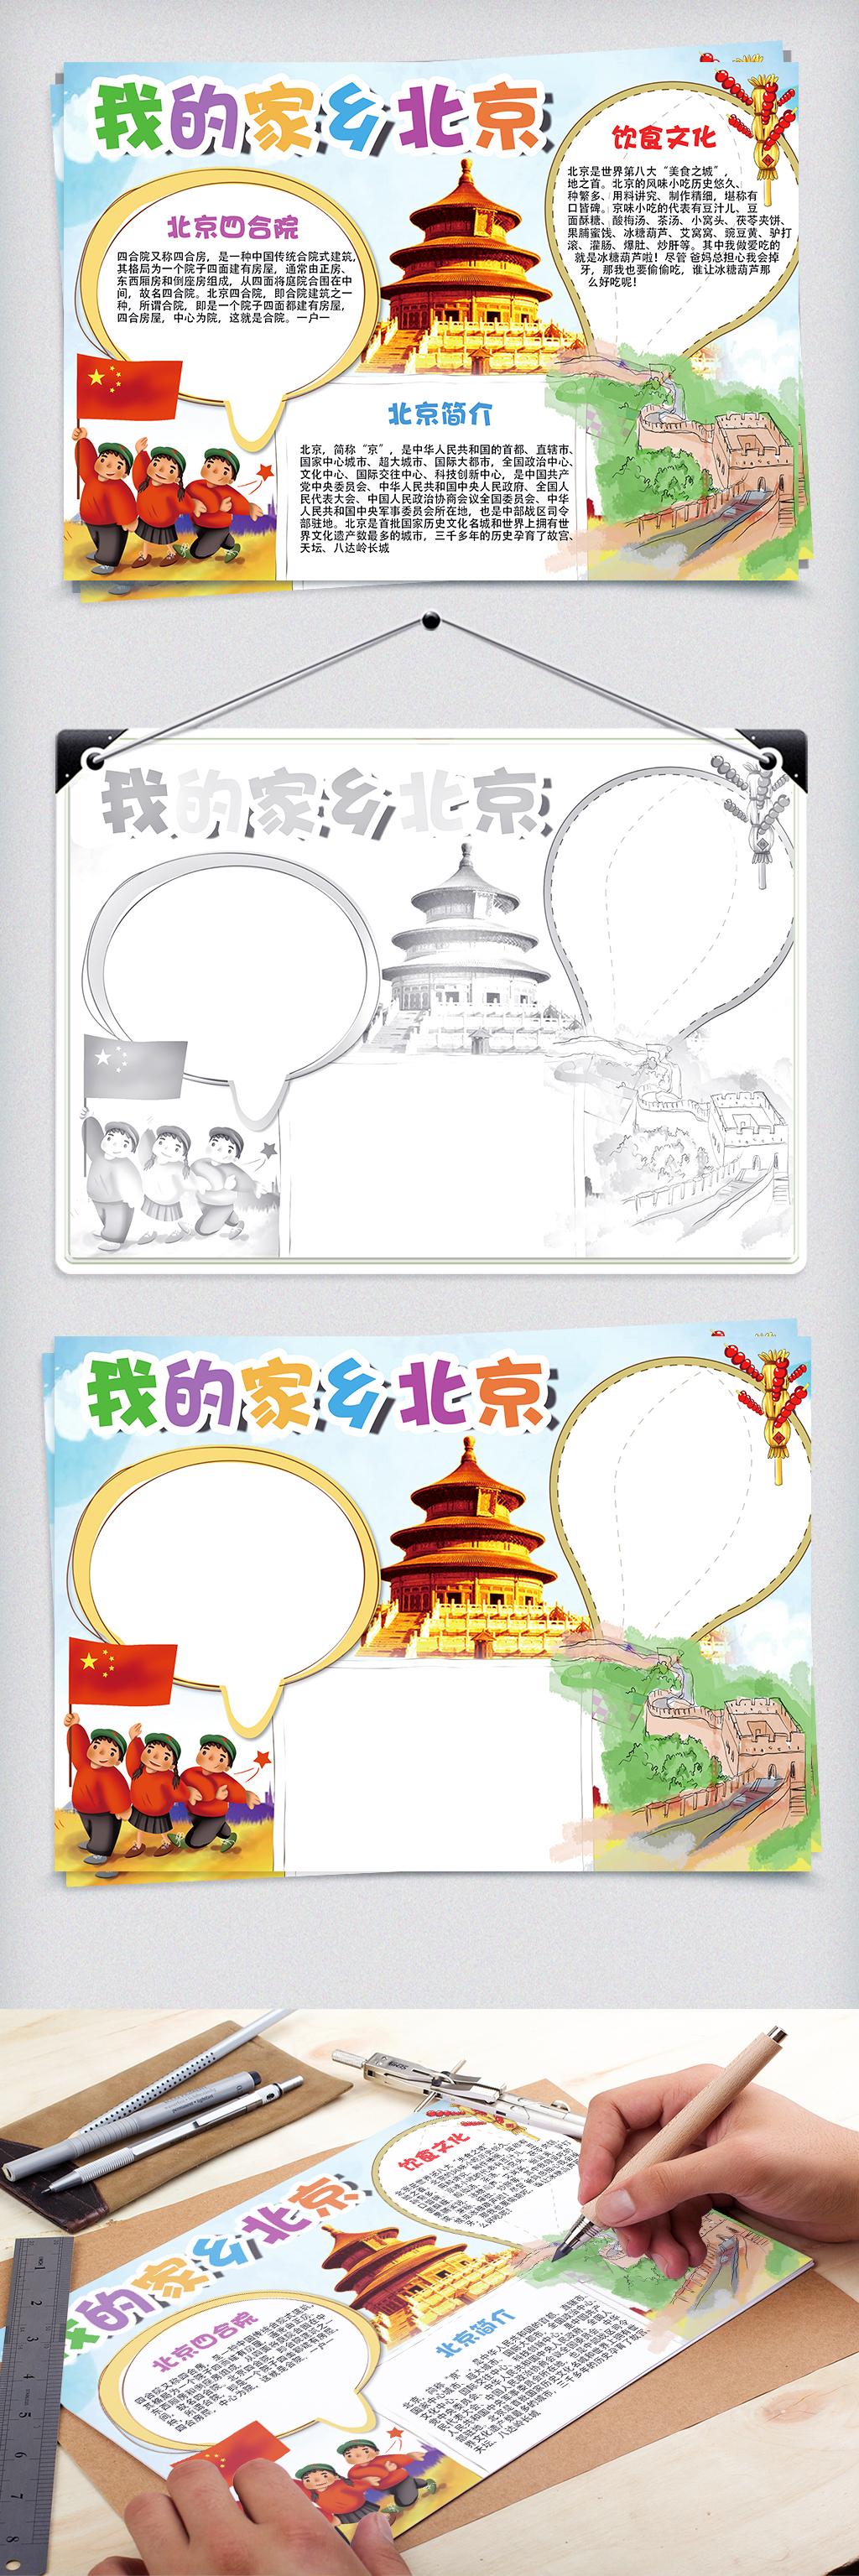 彩色卡通手绘风格我的家乡北京小报